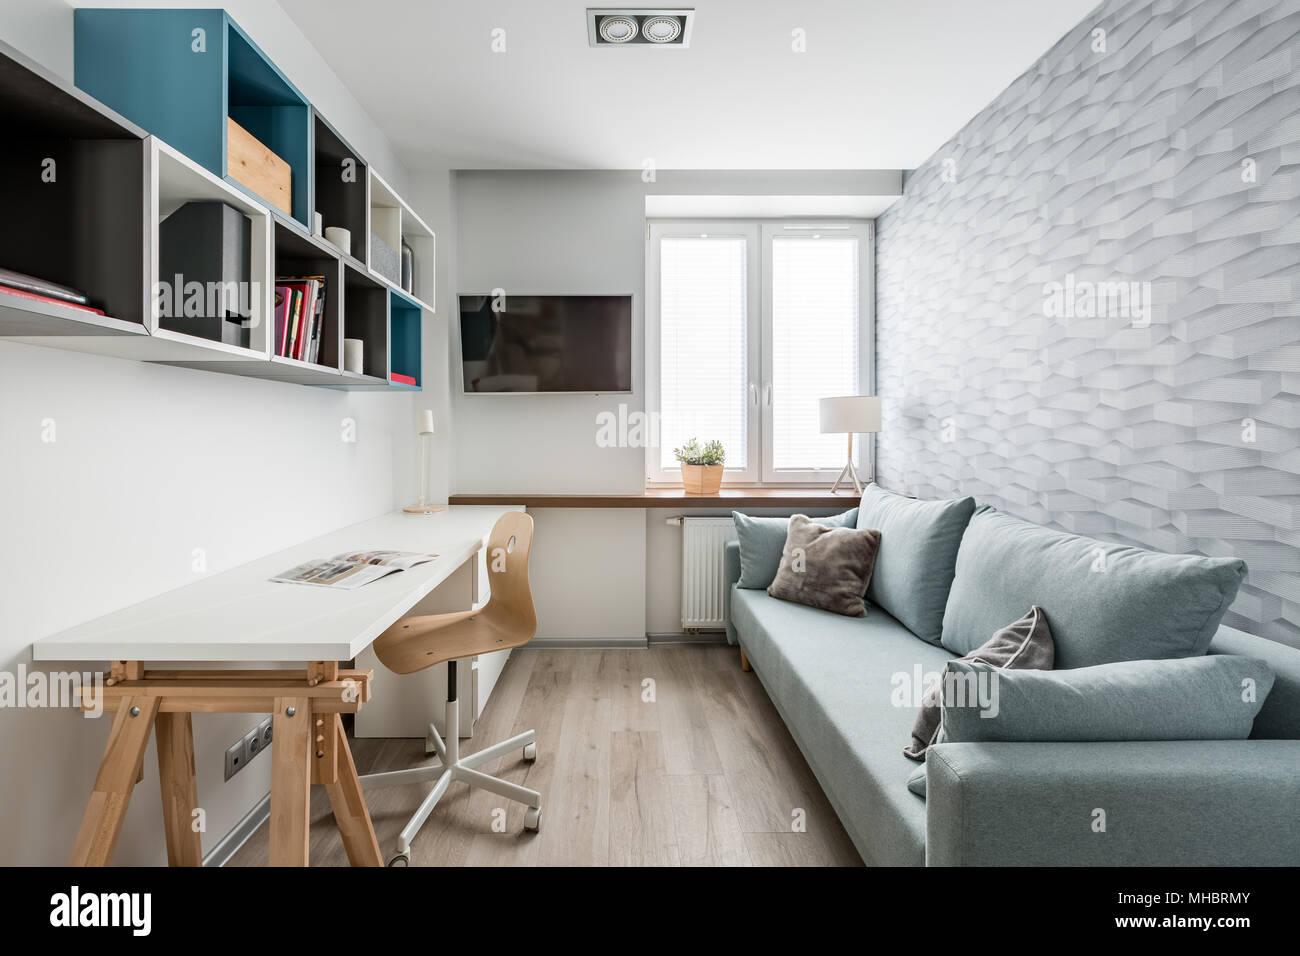 Scrivania Bianca Con Libreria : Libreria in legno moderna con un soggiorno in legno e bianco